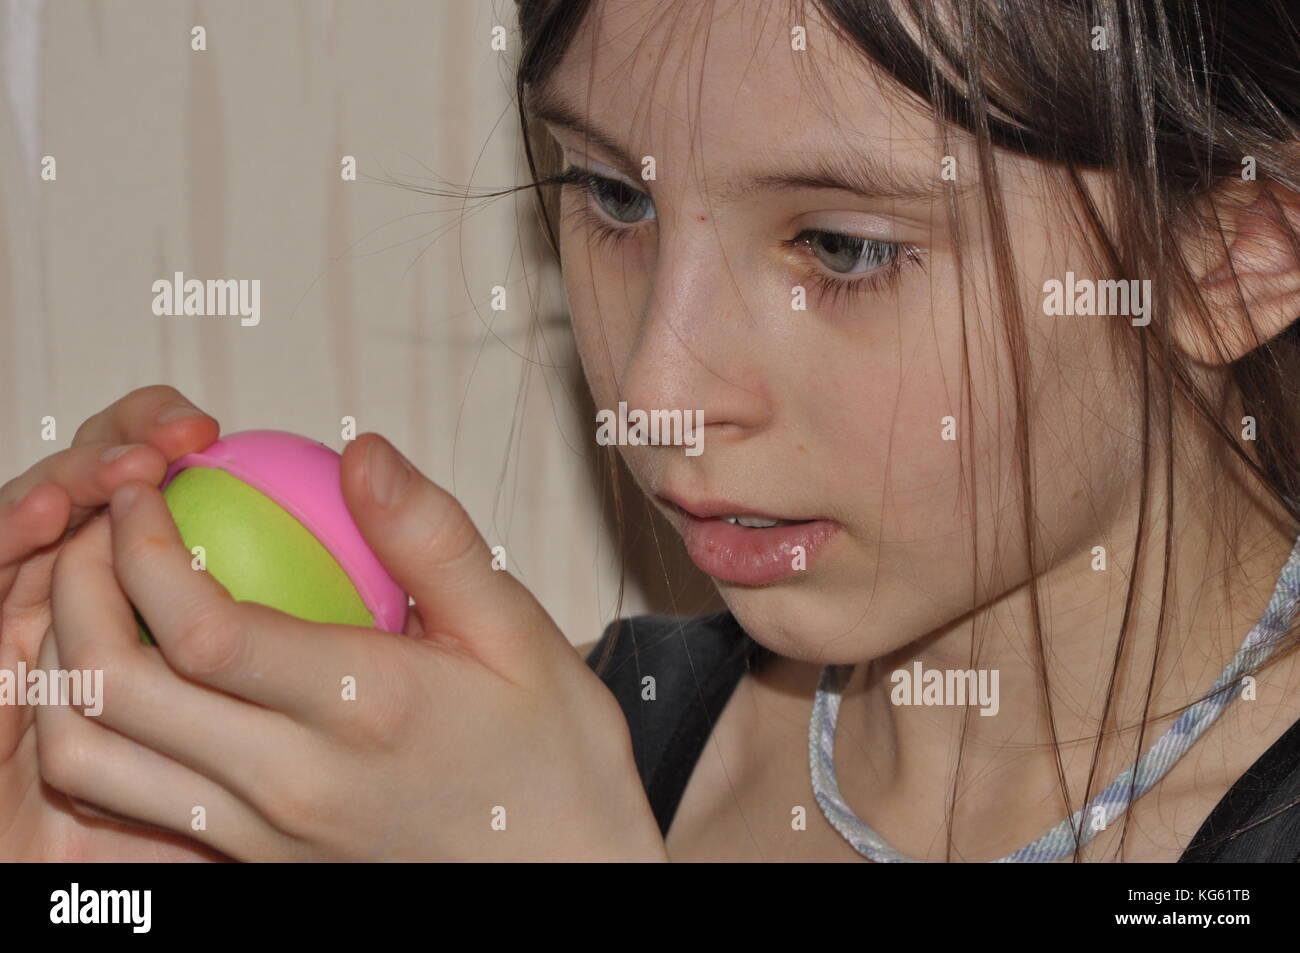 Das Mädchen, das ein Kind tun Weihnachtsschmuck. focus